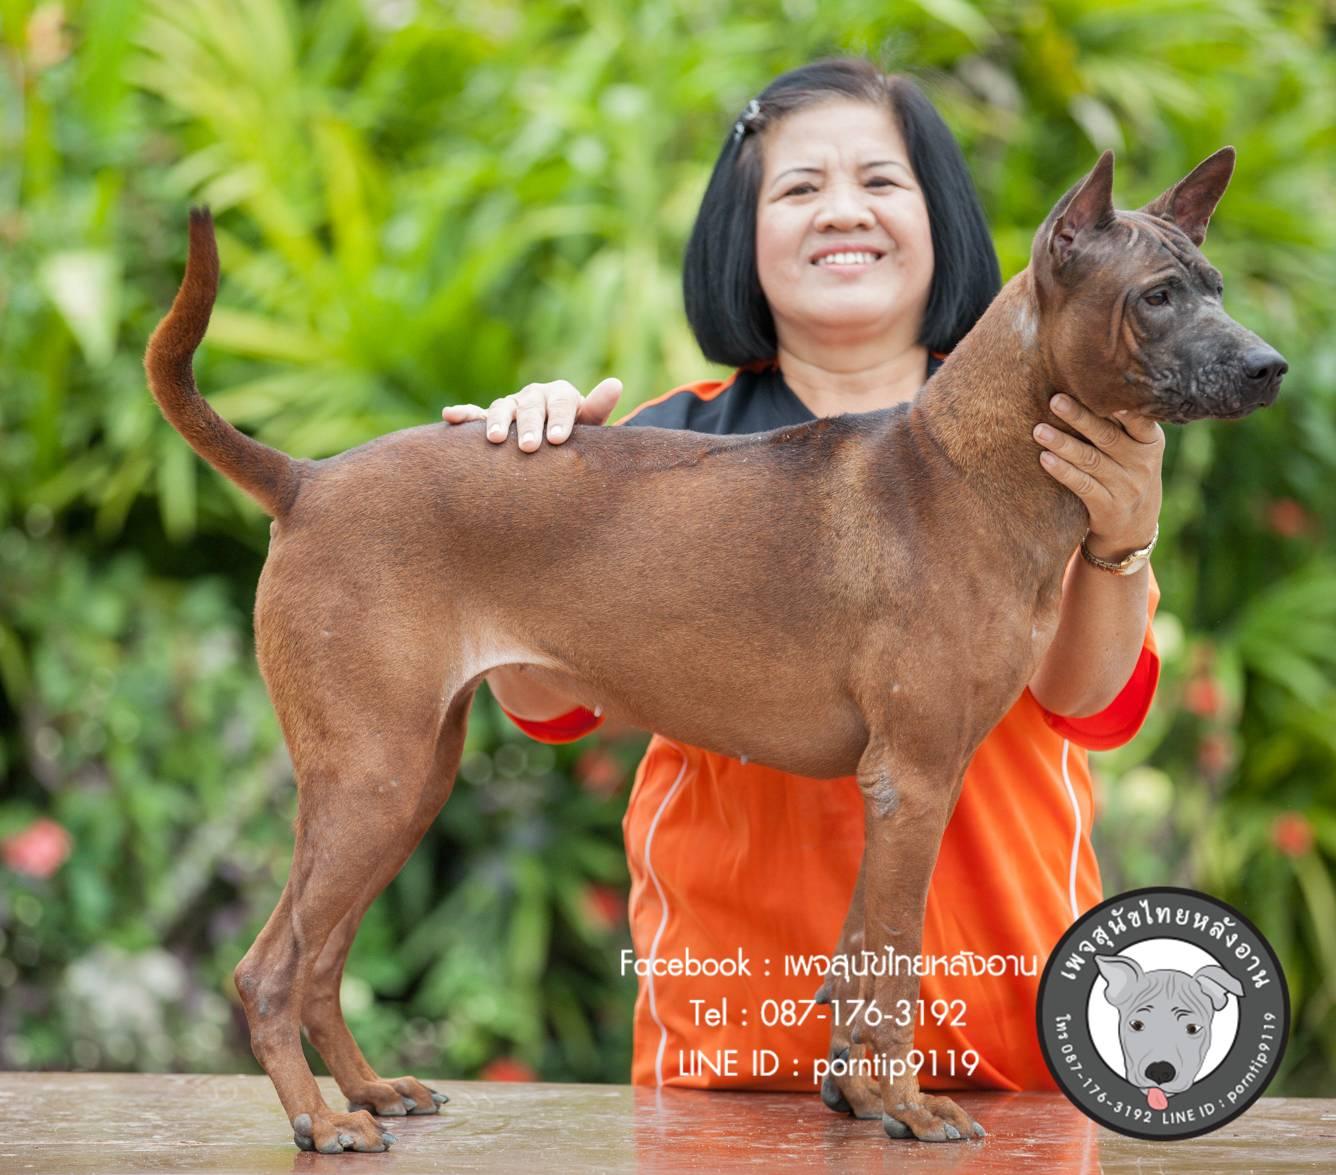 สุนัขไทยหลังอาน ขายสุนัขไทยหลังอาน   ลูกสุนัขไทยหลังอาน พ่อพันธุ์แม่พันธุ์net-0279